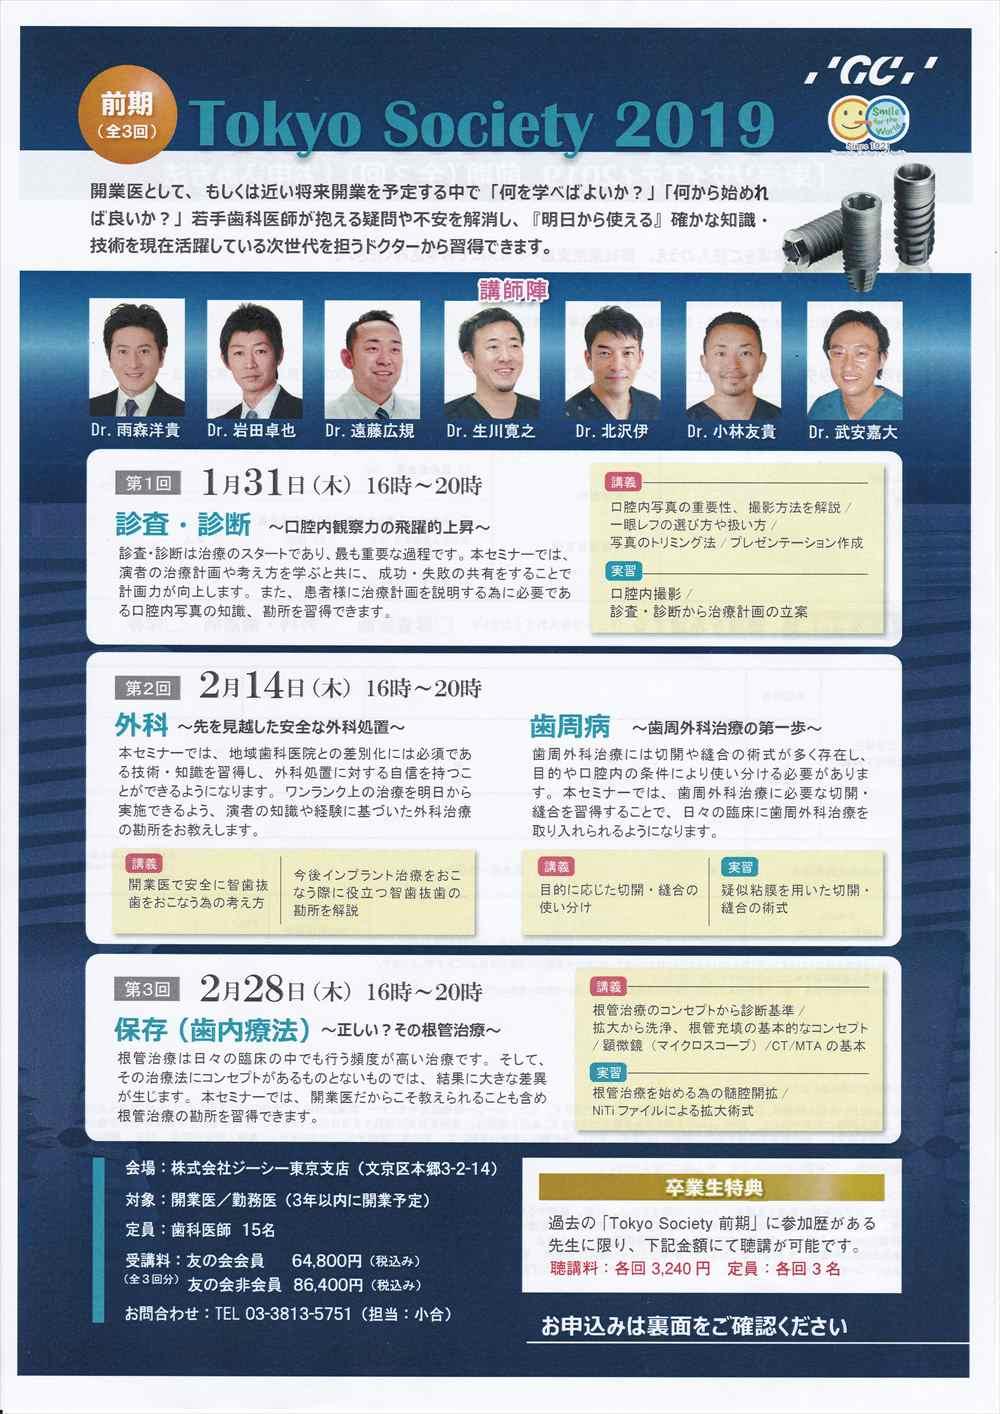 Tokyo Societyのセミナー